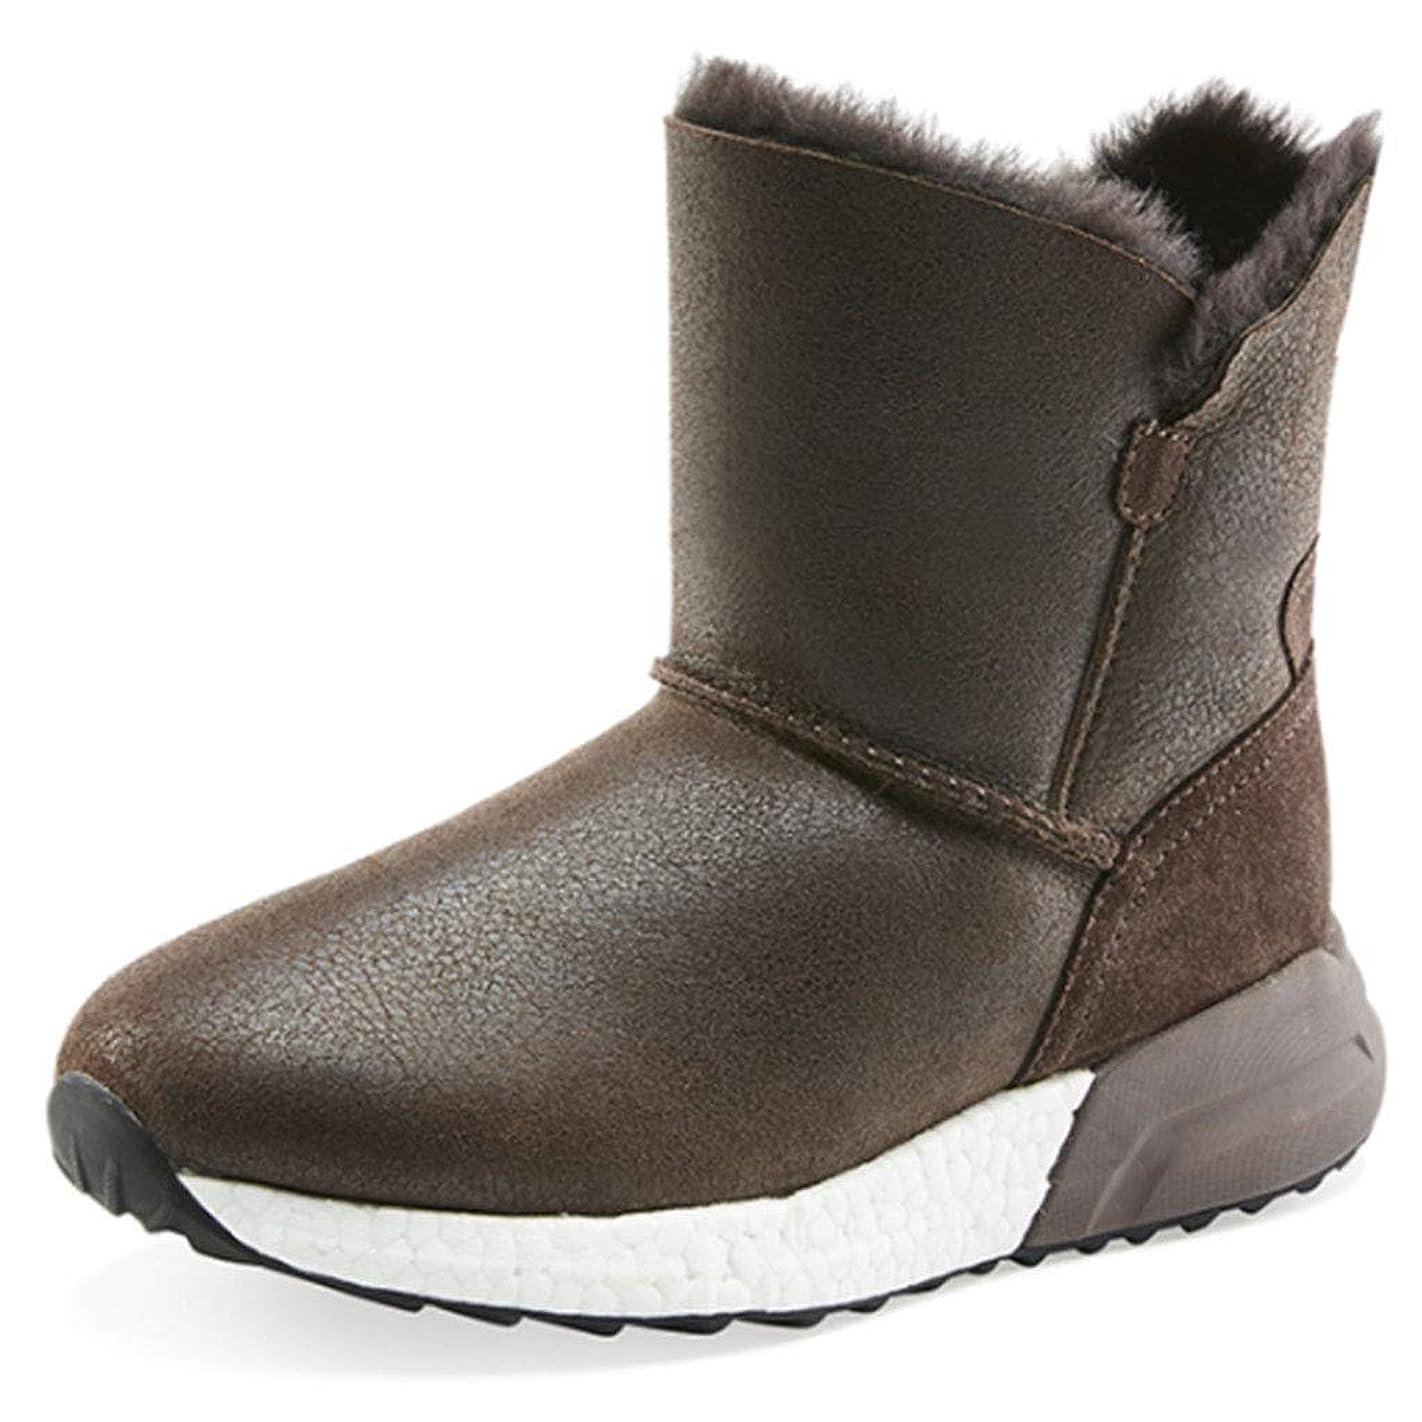 ナプキン理容師イタリックアウトドアハイキングブーツ冬のヒツジ毛皮のスノーブーツクッションショートブーツカジュアルシューズ防水靴の女性 安全?保護用品 (Color : Brown, Size : 40)